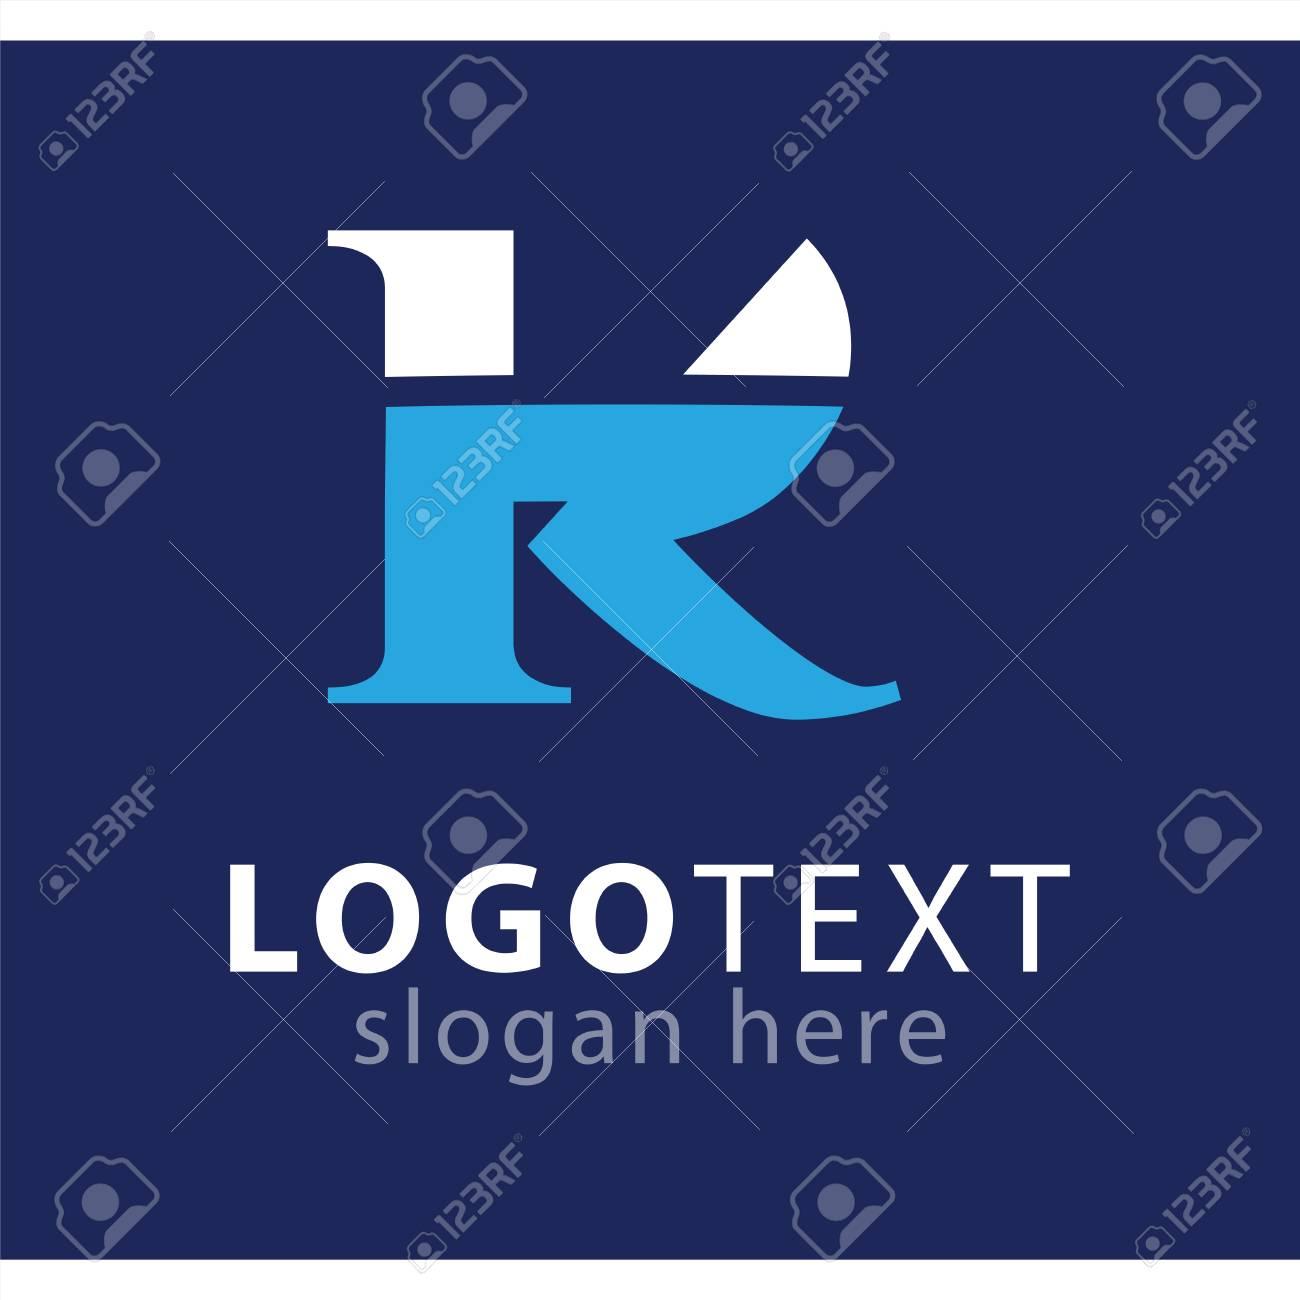 kr initial letter logo vector template - 113967112